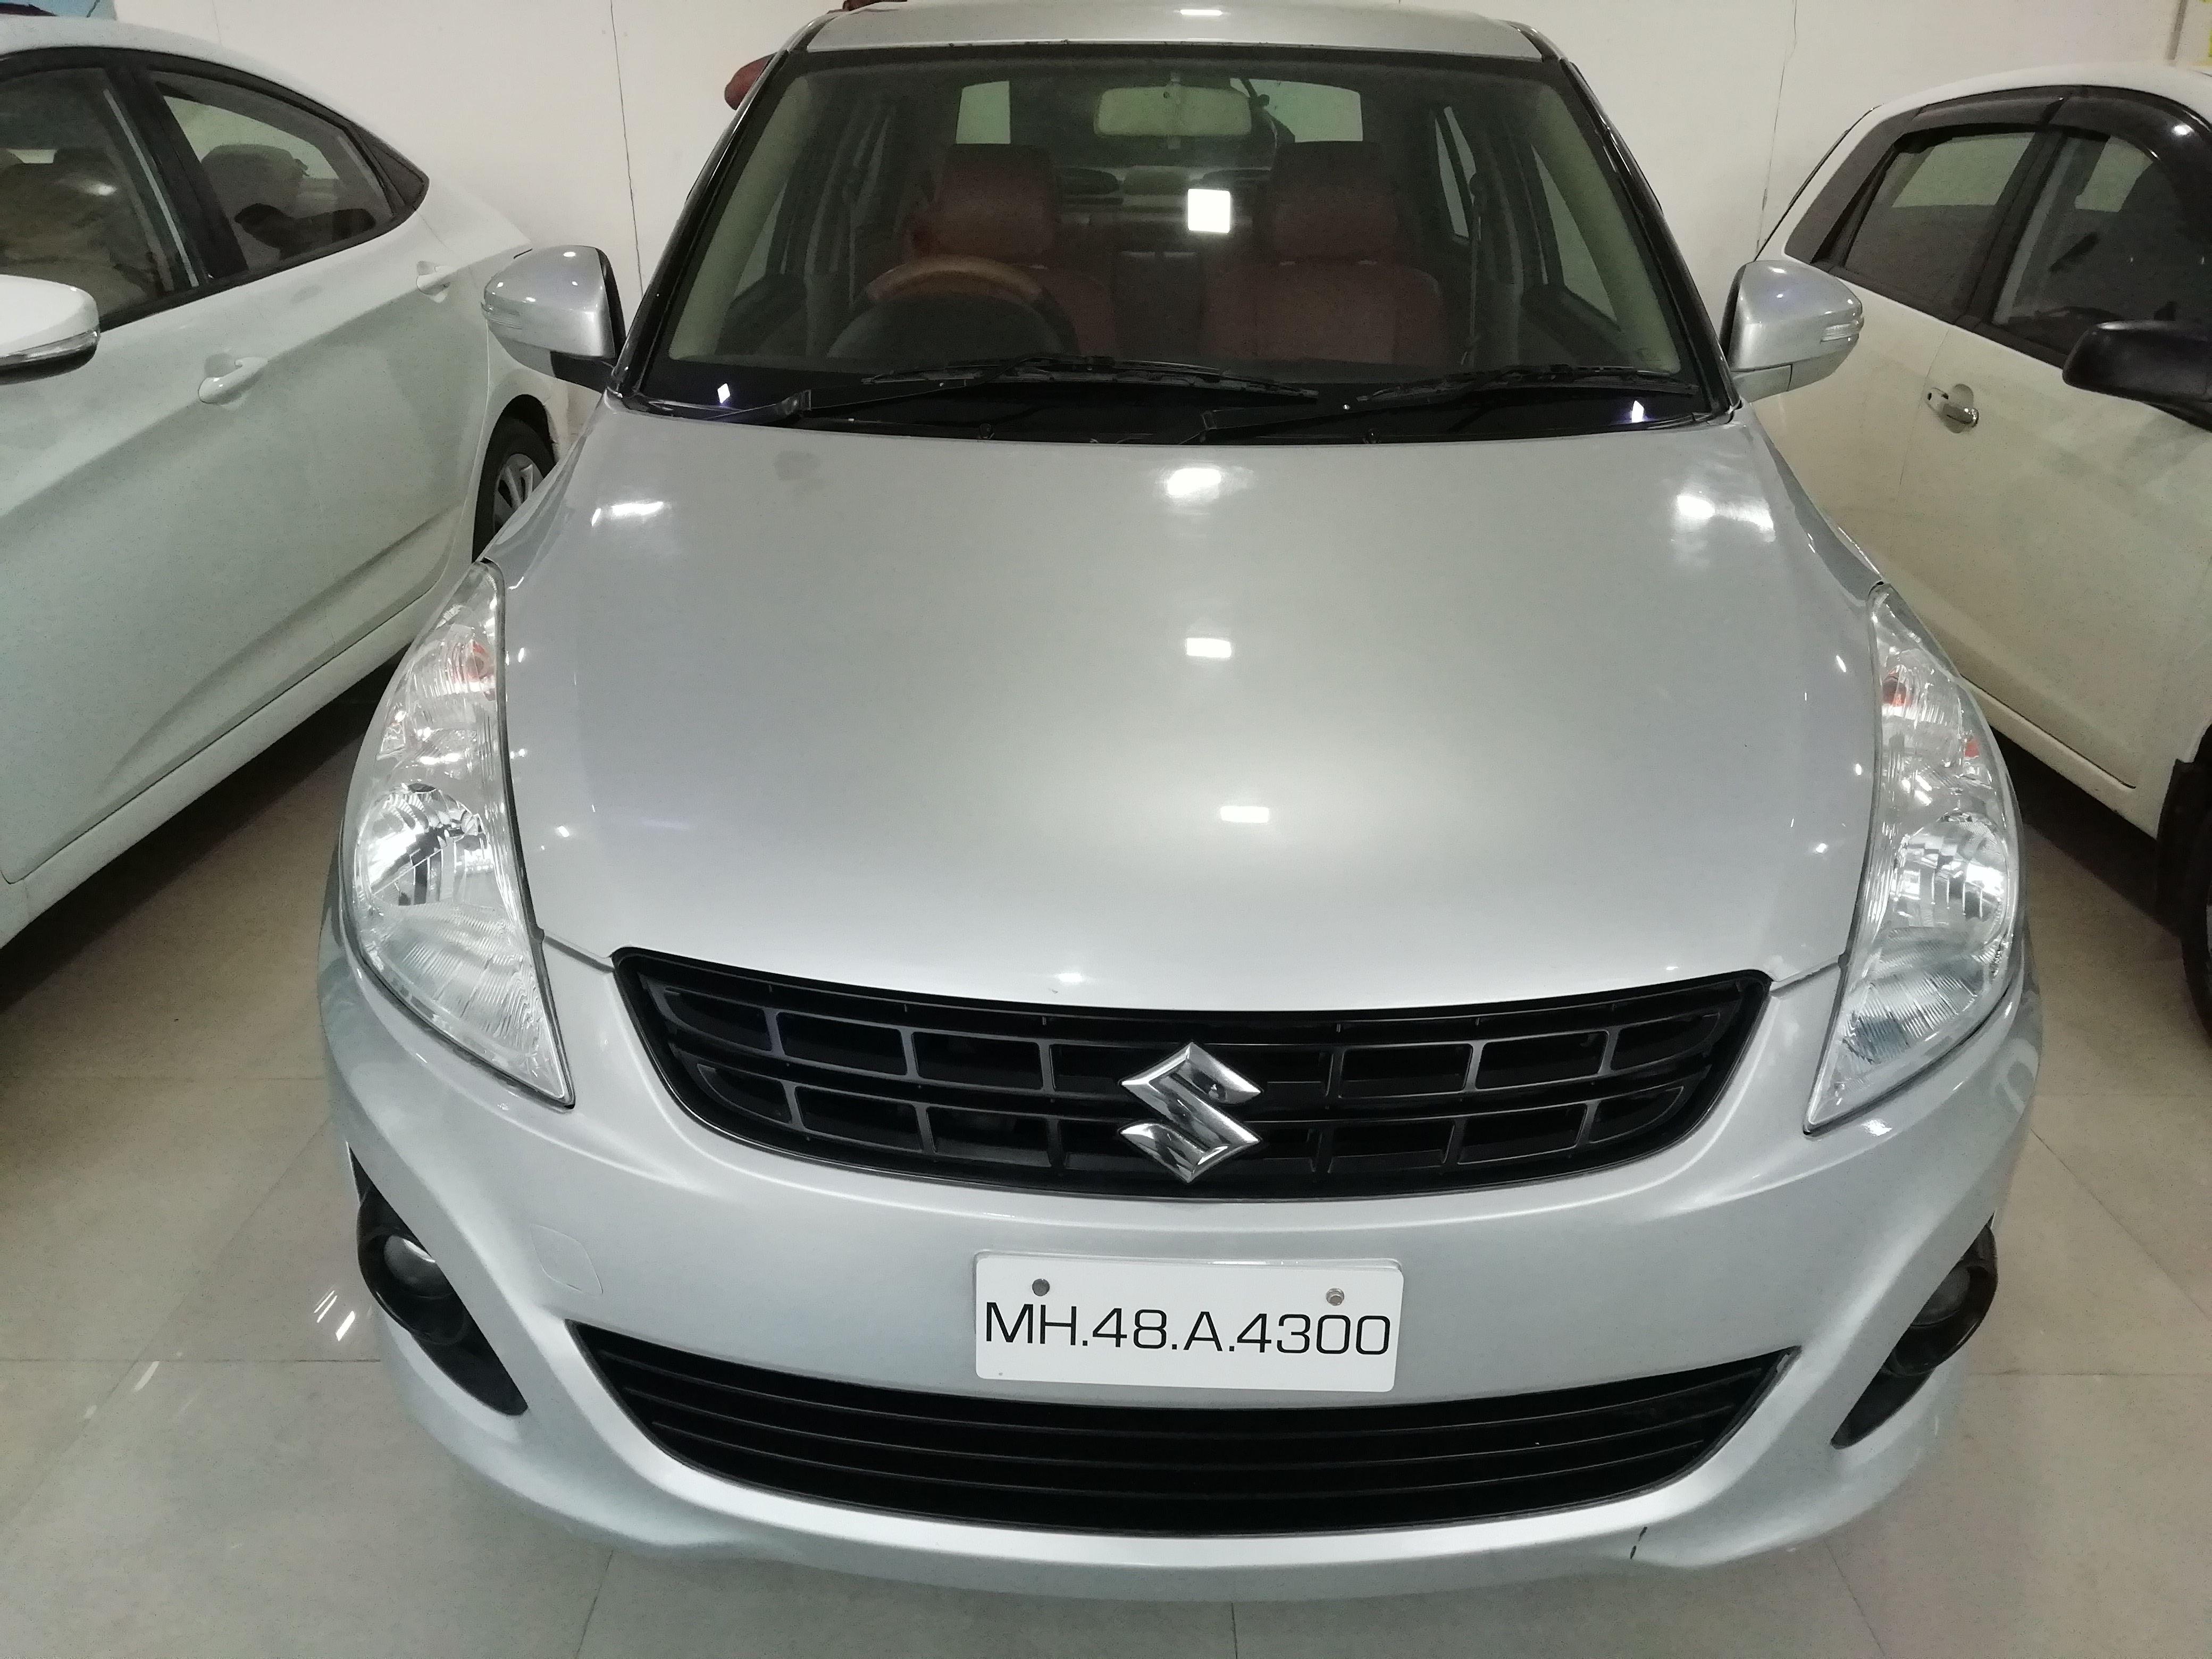 2012 Used Maruti Suzuki Swift Dzire VDI BS IV